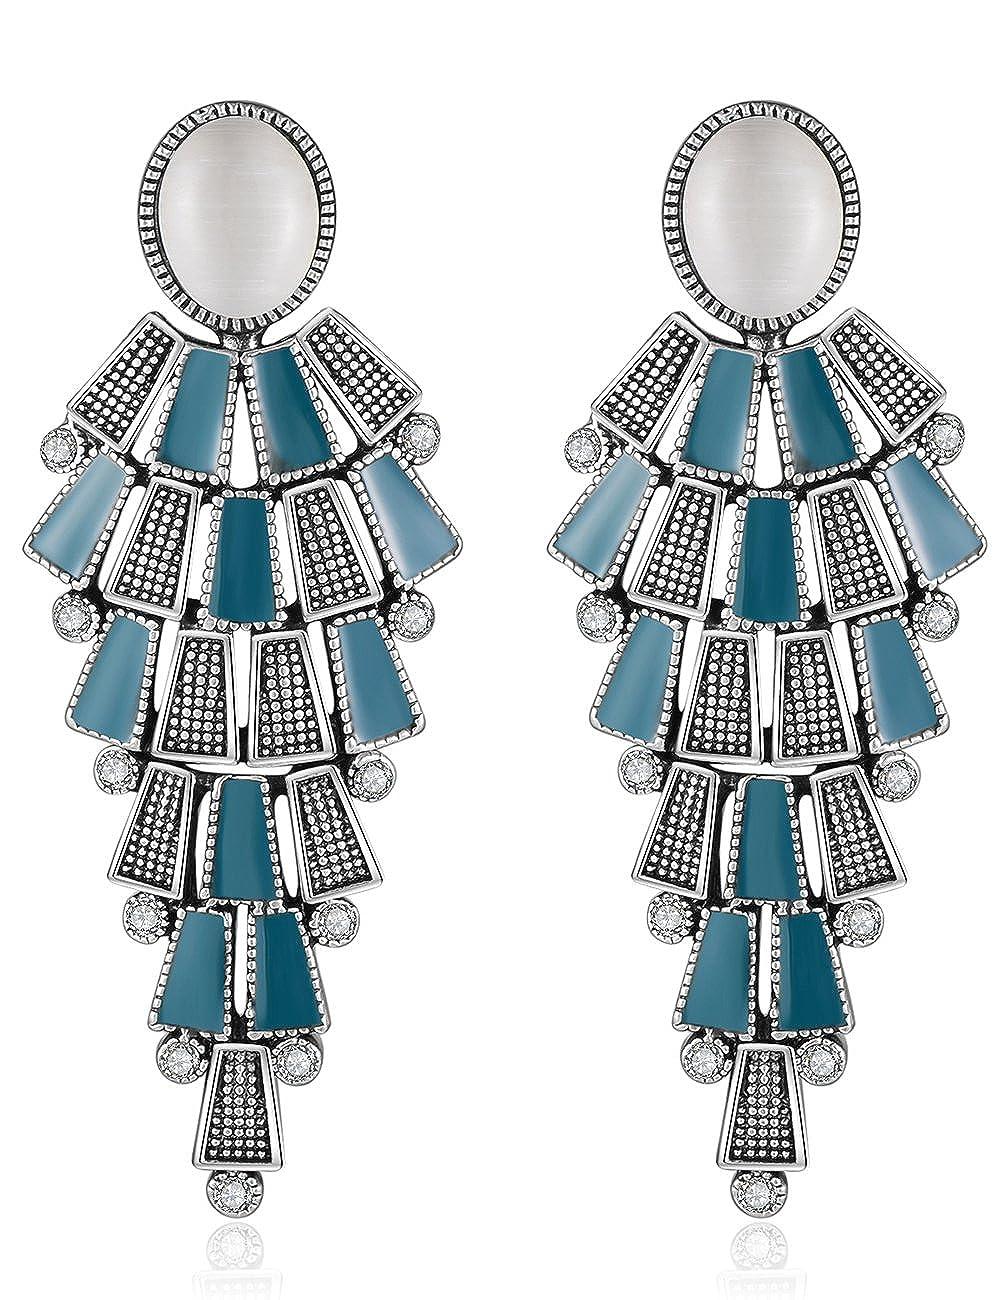 XZP Opal Clip On Earrings Chandelier Retro Tiered Dangle Bohemian Clips Earrings for Women XE1708196